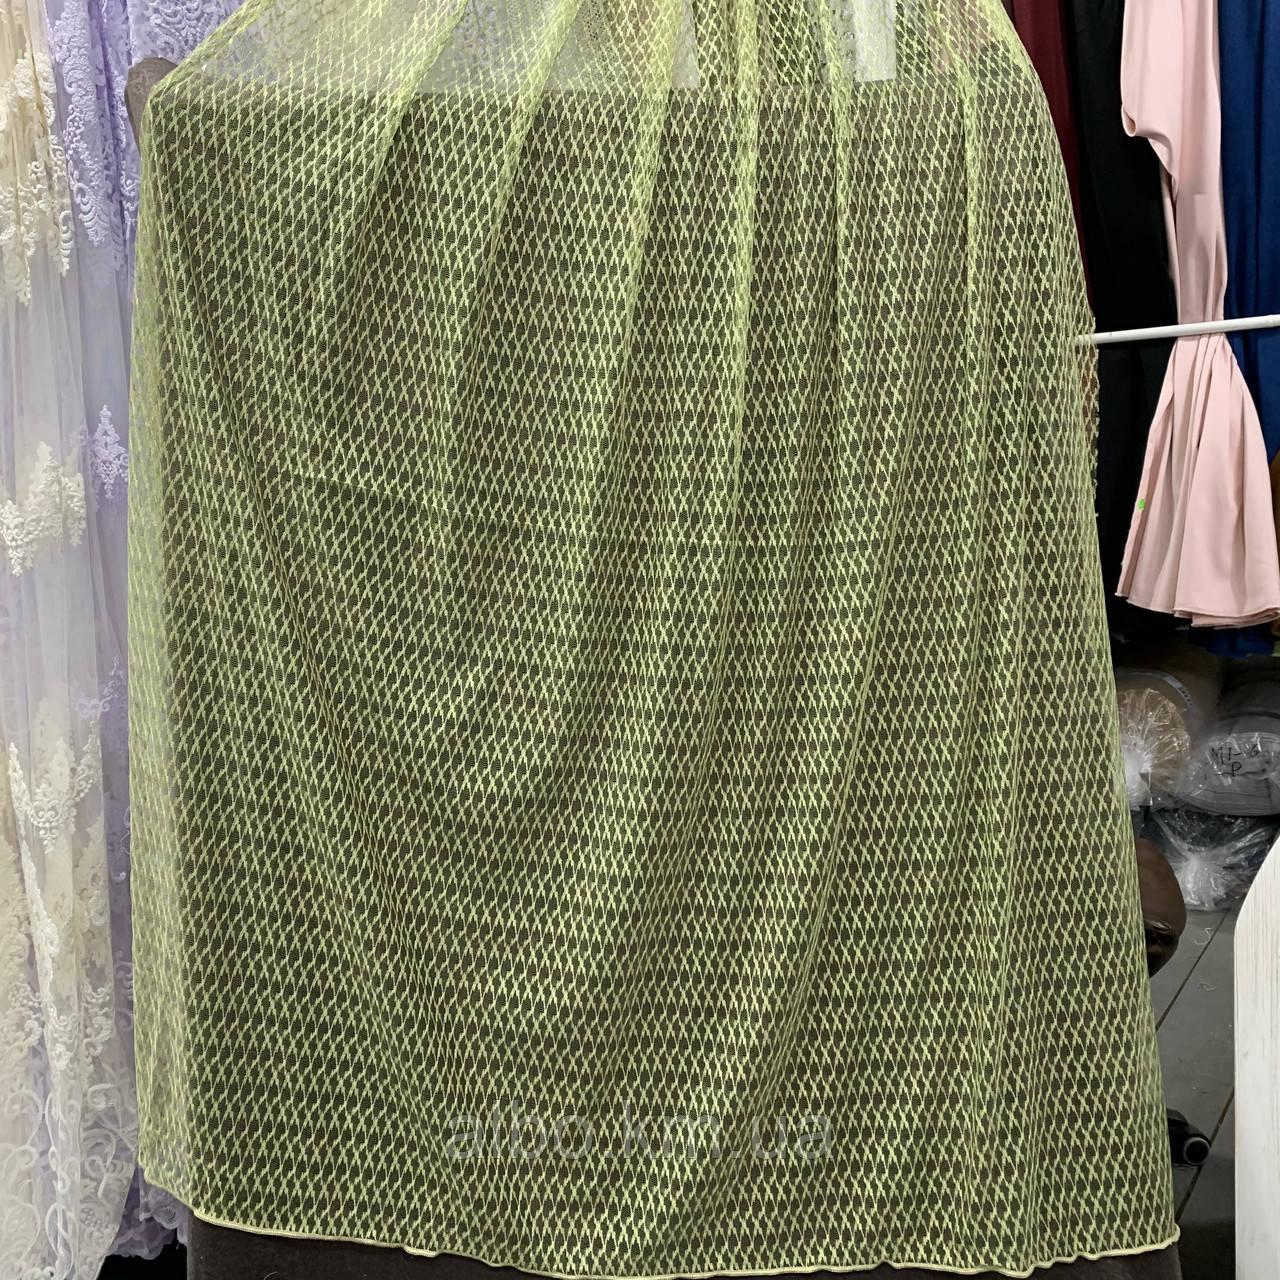 Стильный тюль сетка на основе фатина оливкового цвета на метраж, высота 3 м